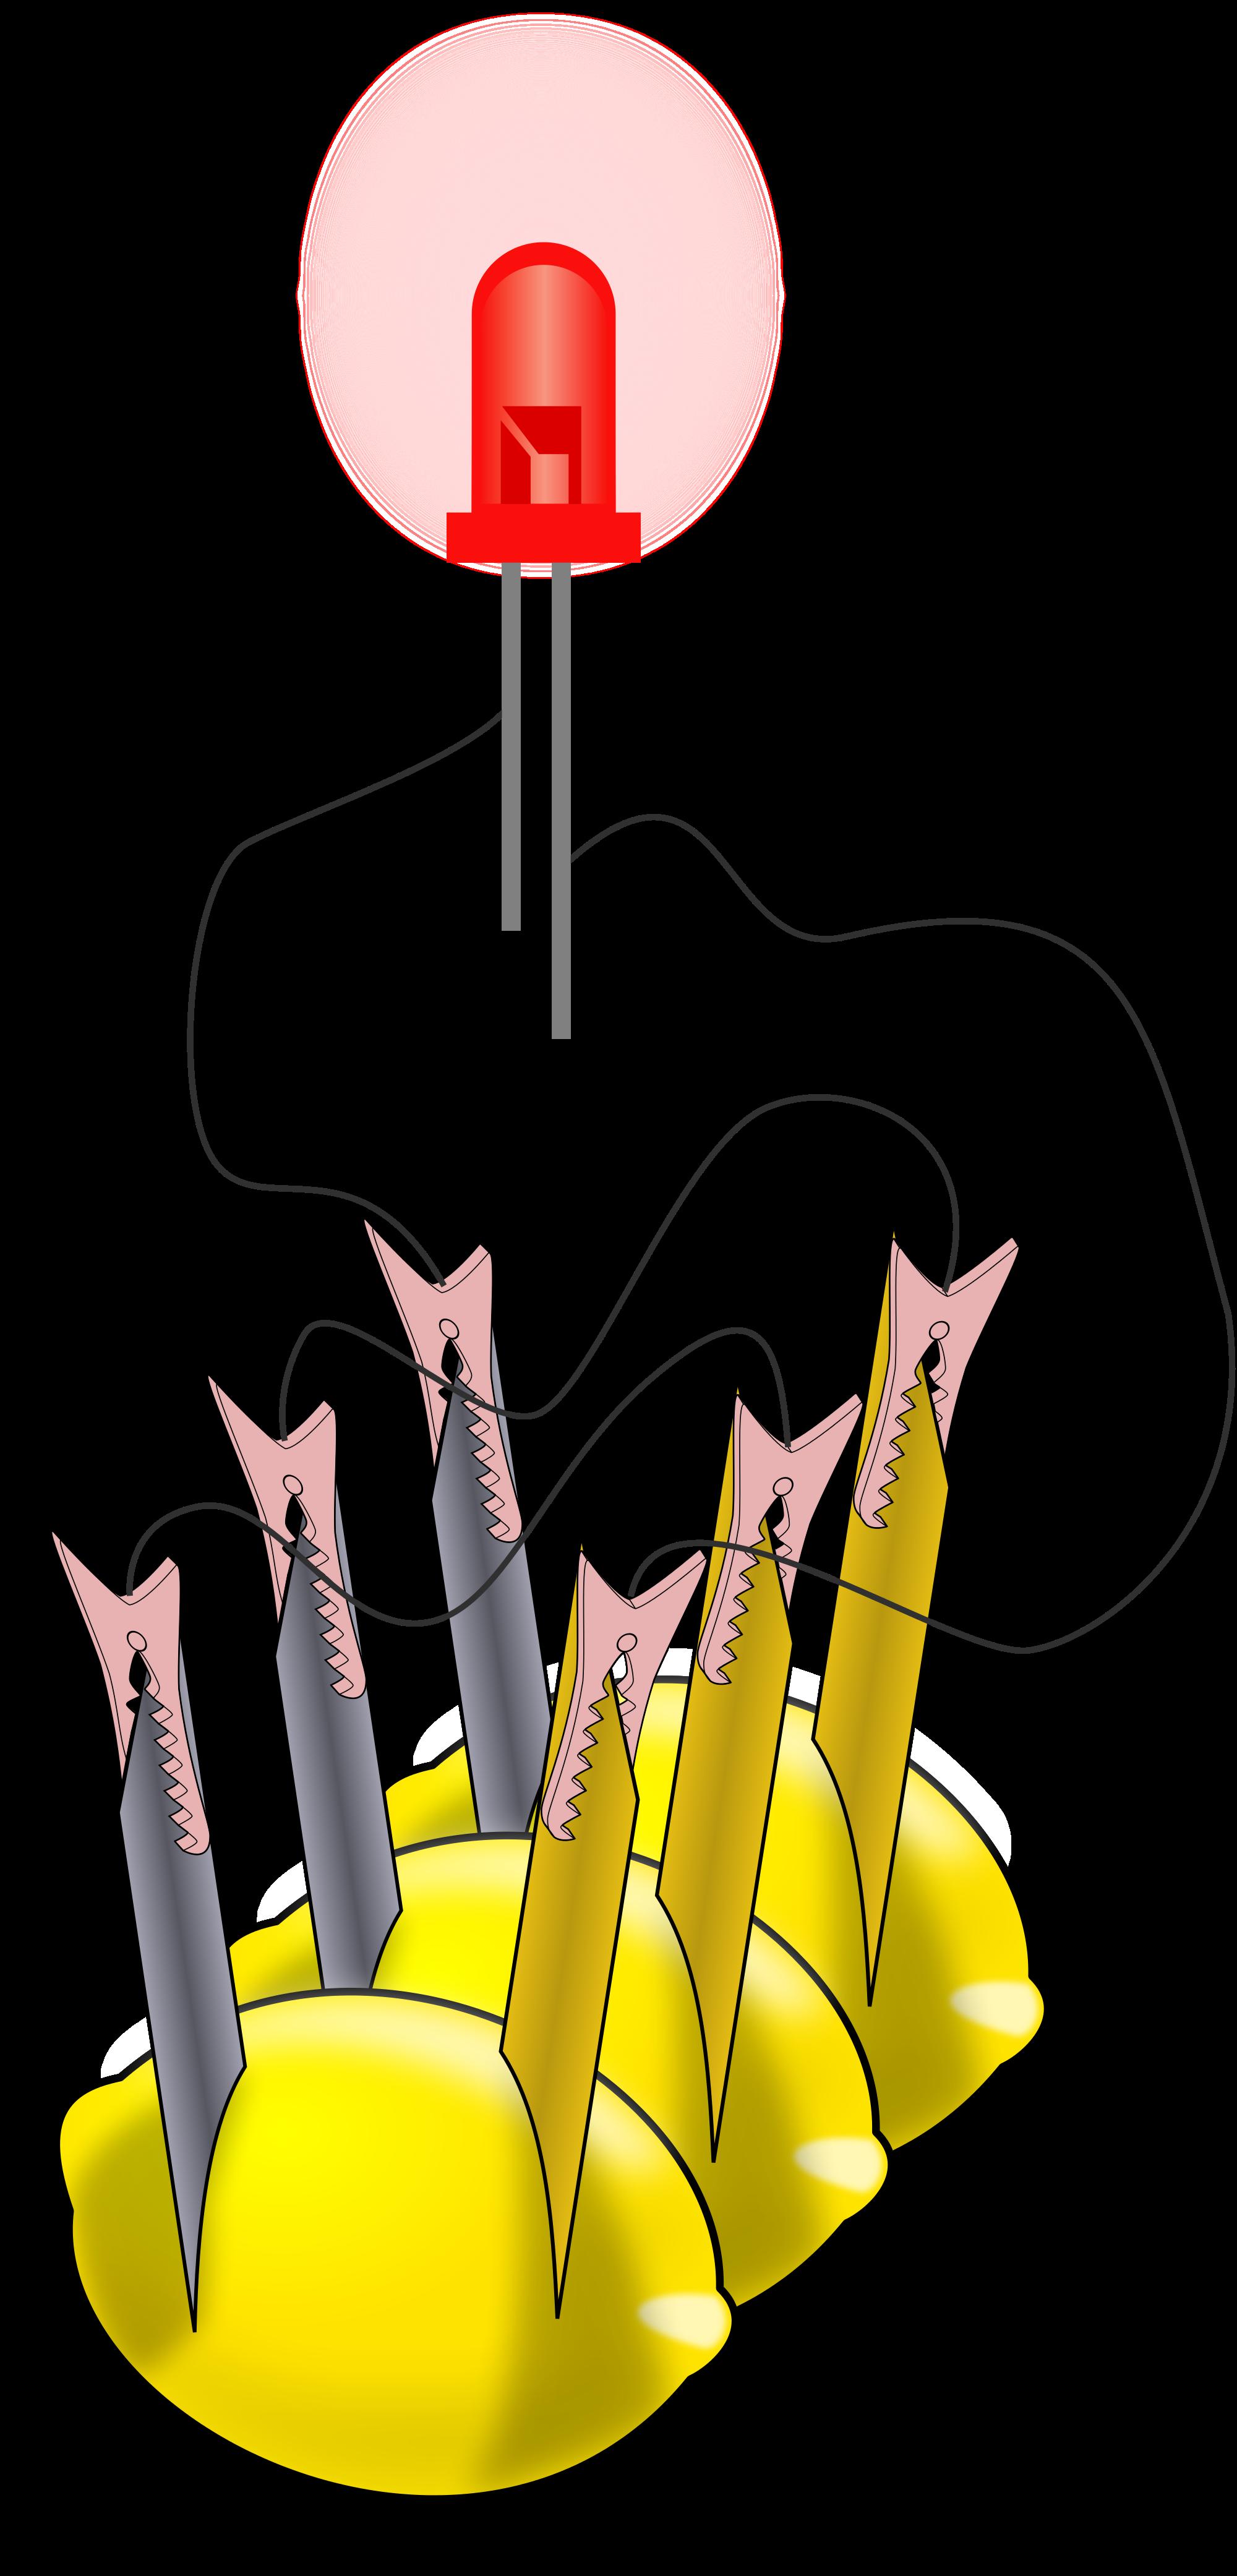 Lemons clipart lemon battery. File with led svg